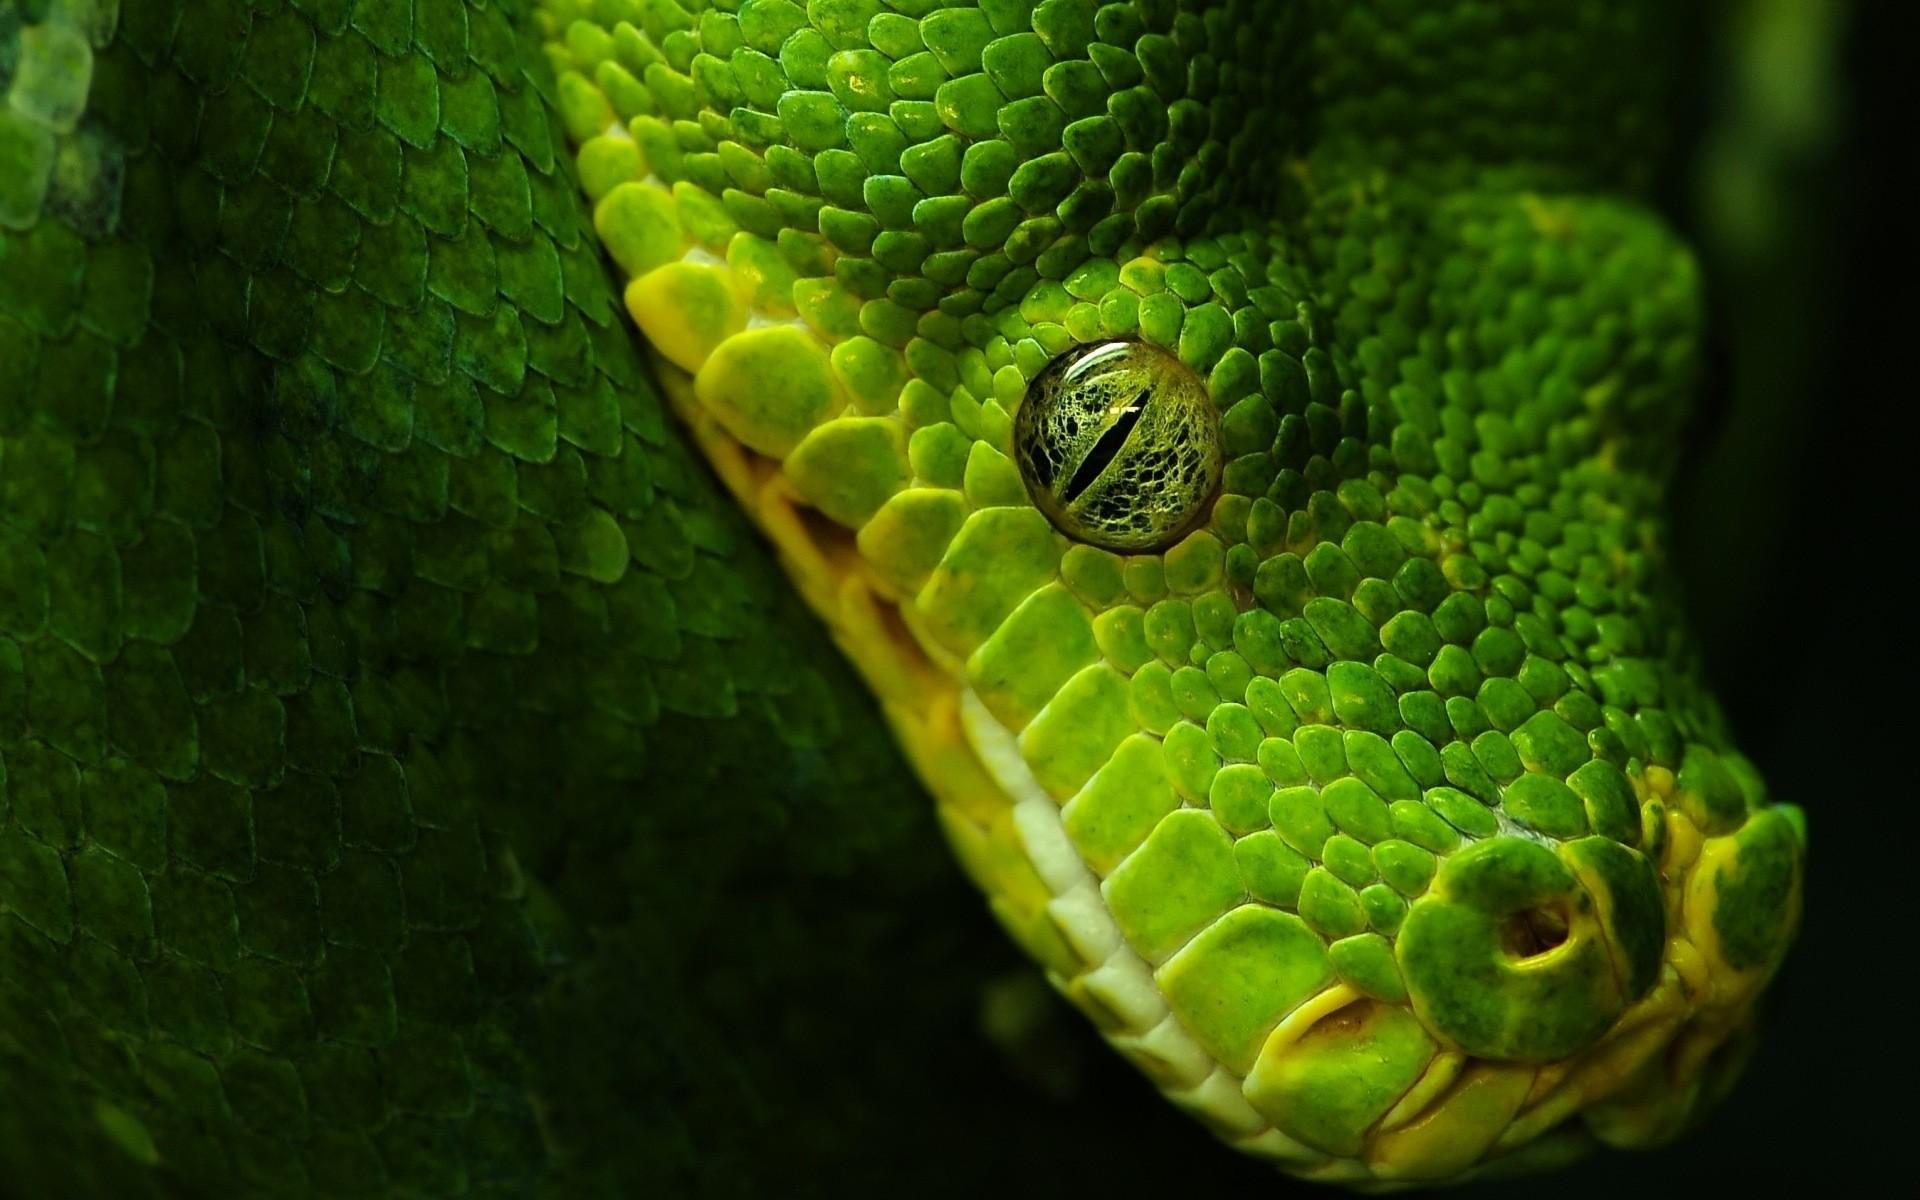 Cabeza de serpiente verde - 1920x1200